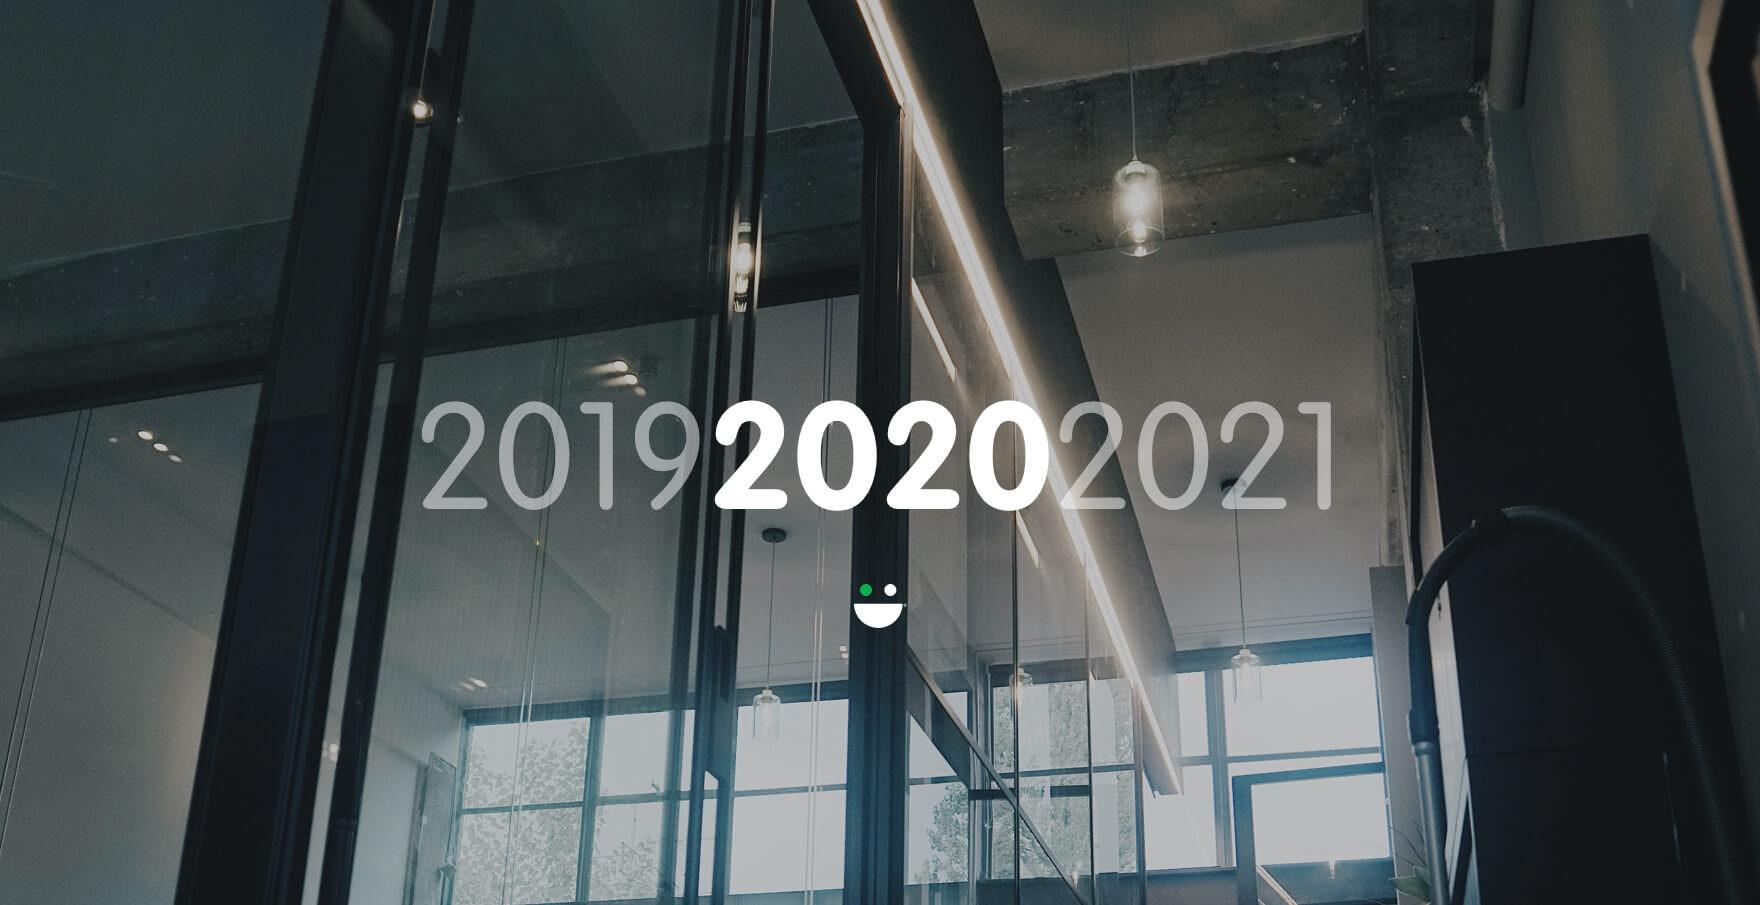 Bye 2019, Hello 2020!